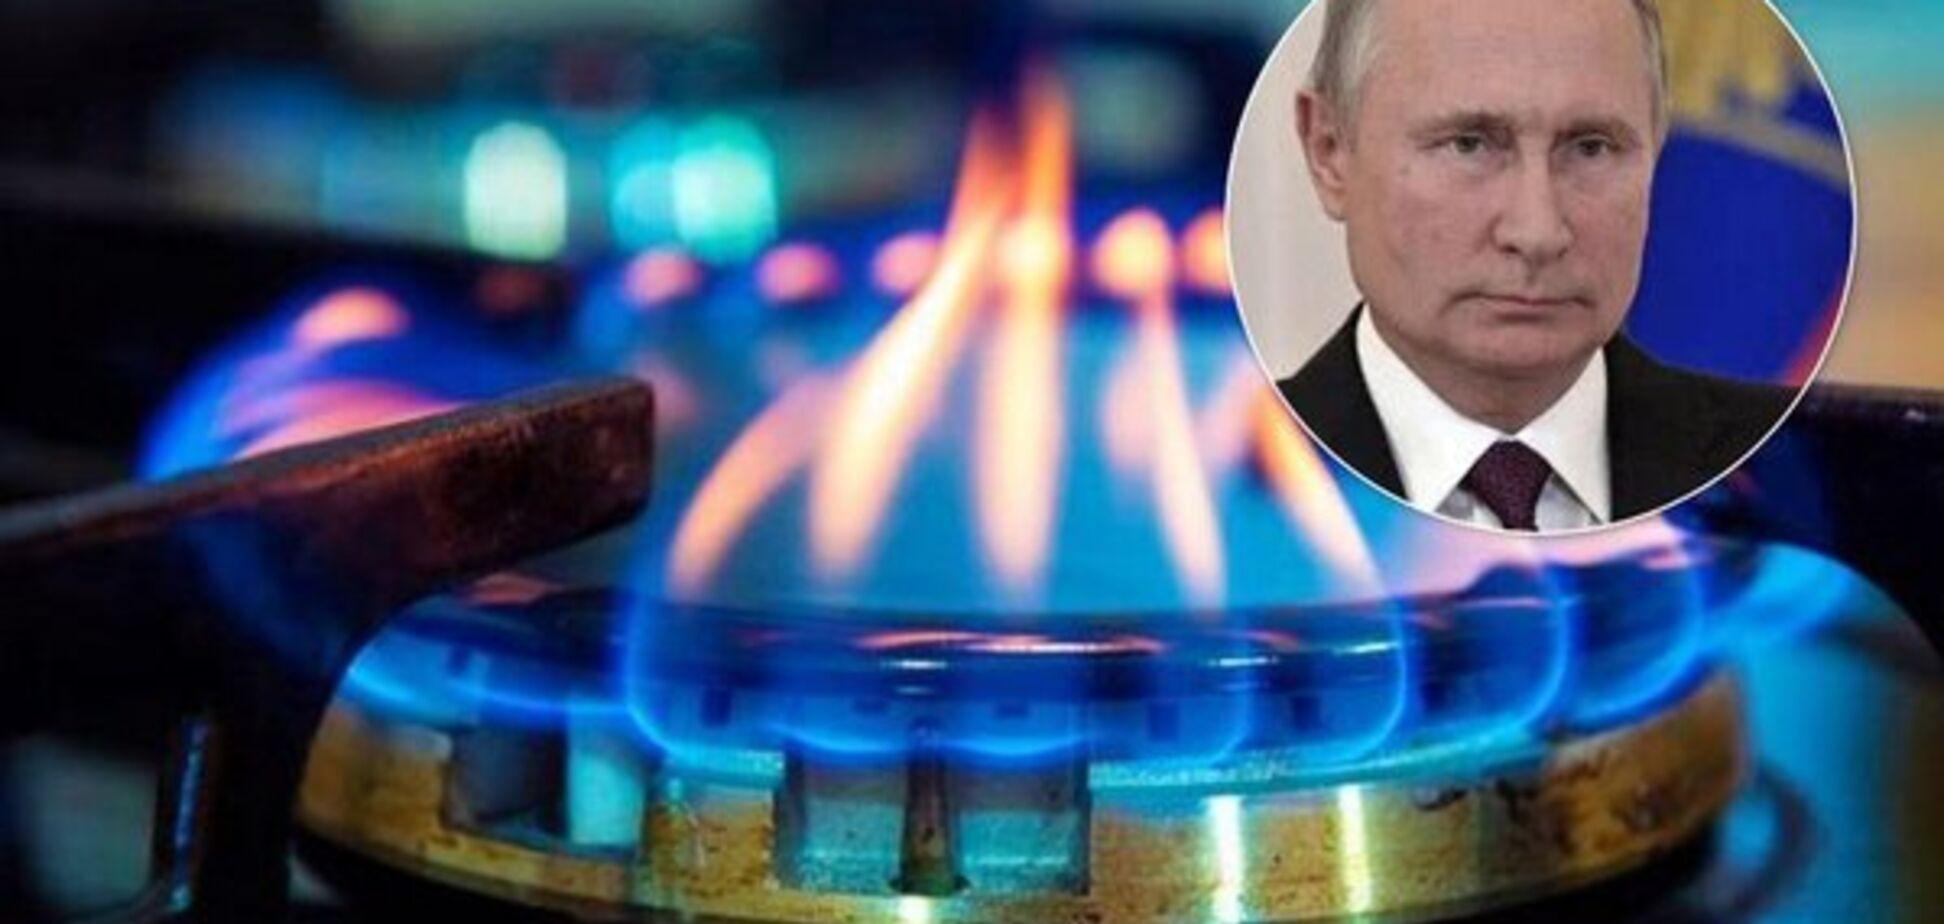 Україна і Росія підписали договір про транзит газу: всі подробиці і реакція сторін